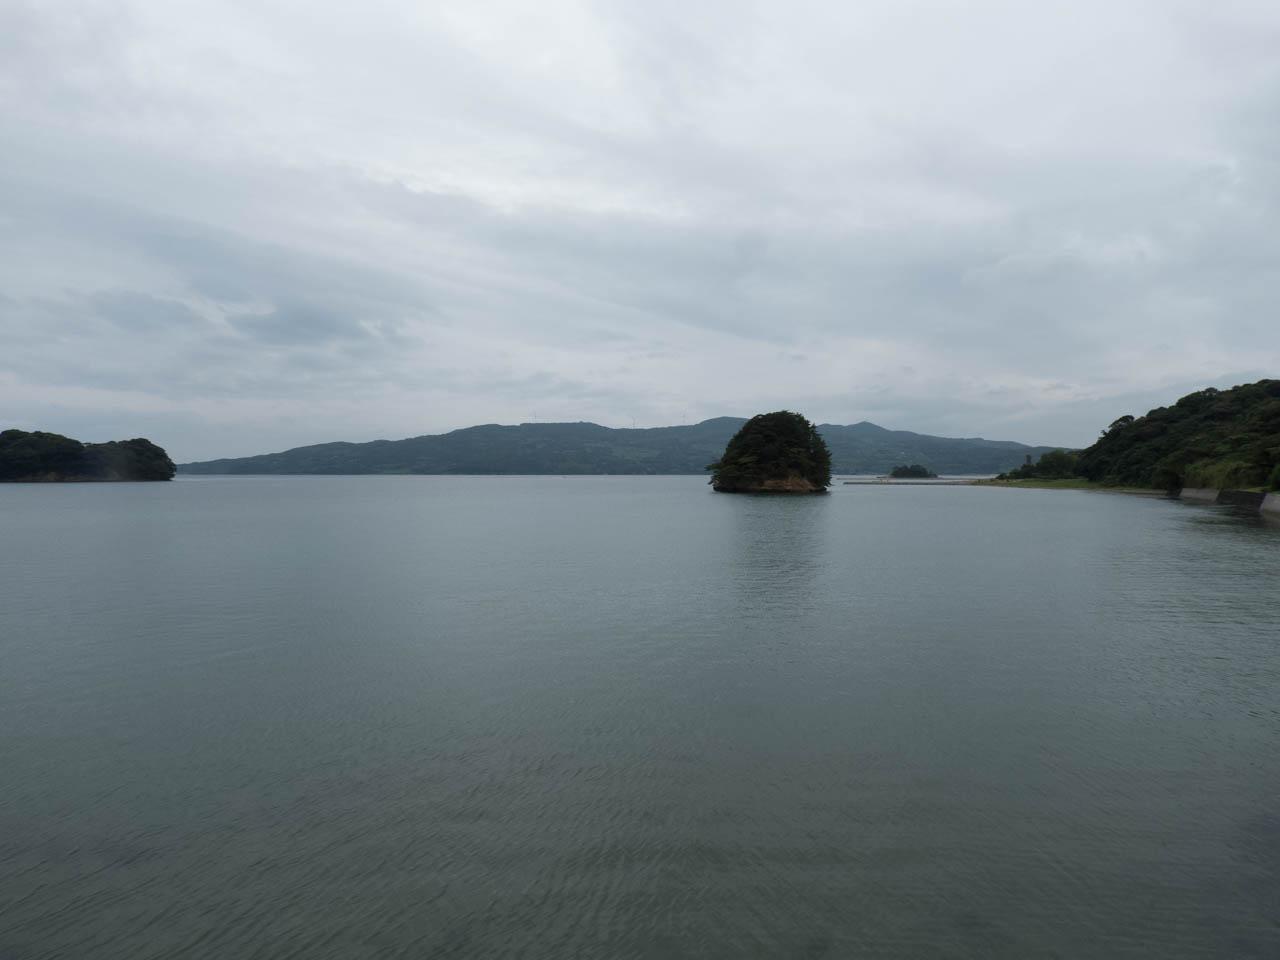 対岸に半島が見えている